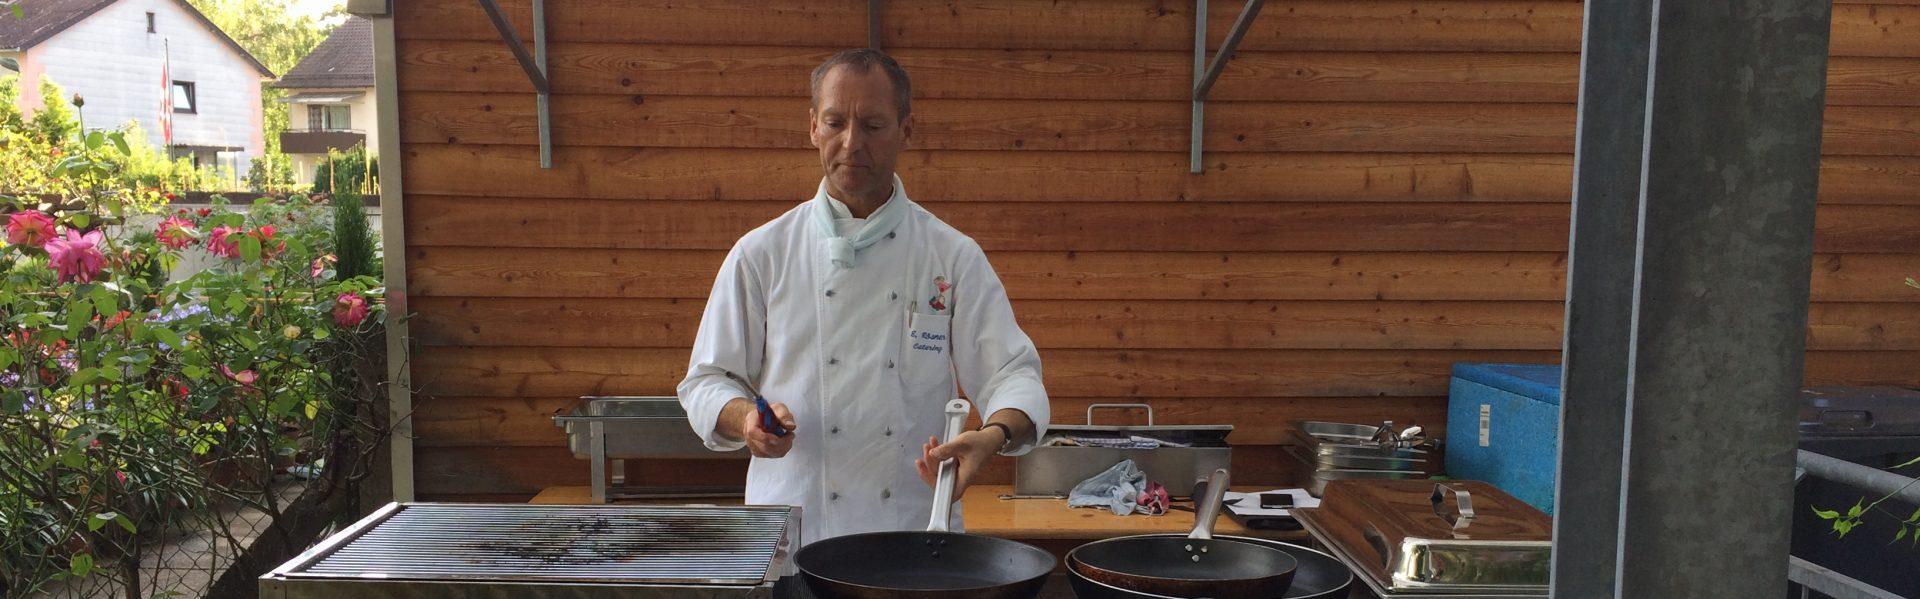 Rösner Catering